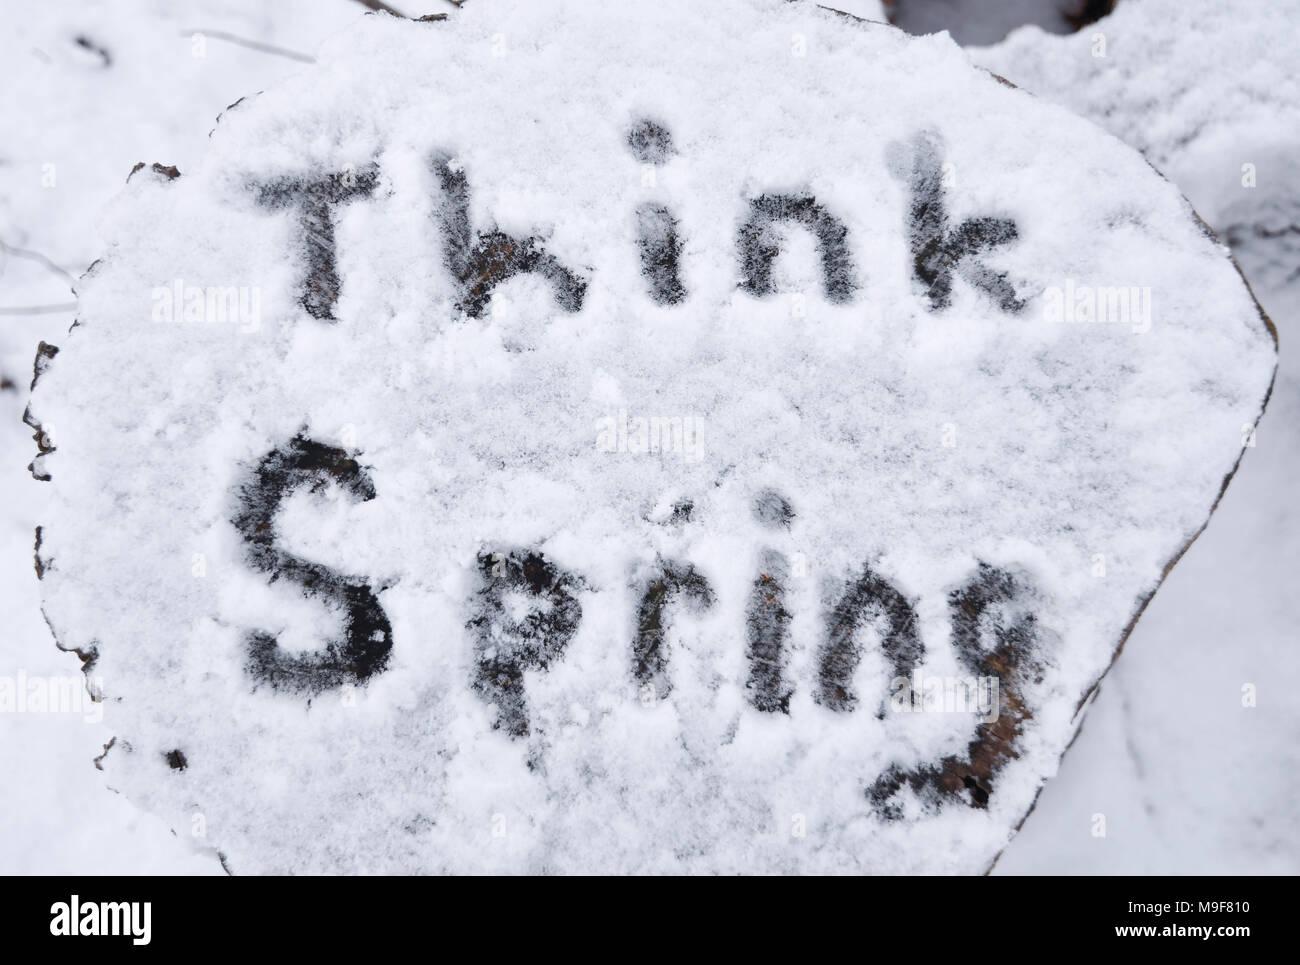 """Die Meldung """"think Spring"""" im Schnee geschrieben auf einen Schnitt nach einem frühen Jahreszeit Schneefall anmelden. Stockbild"""